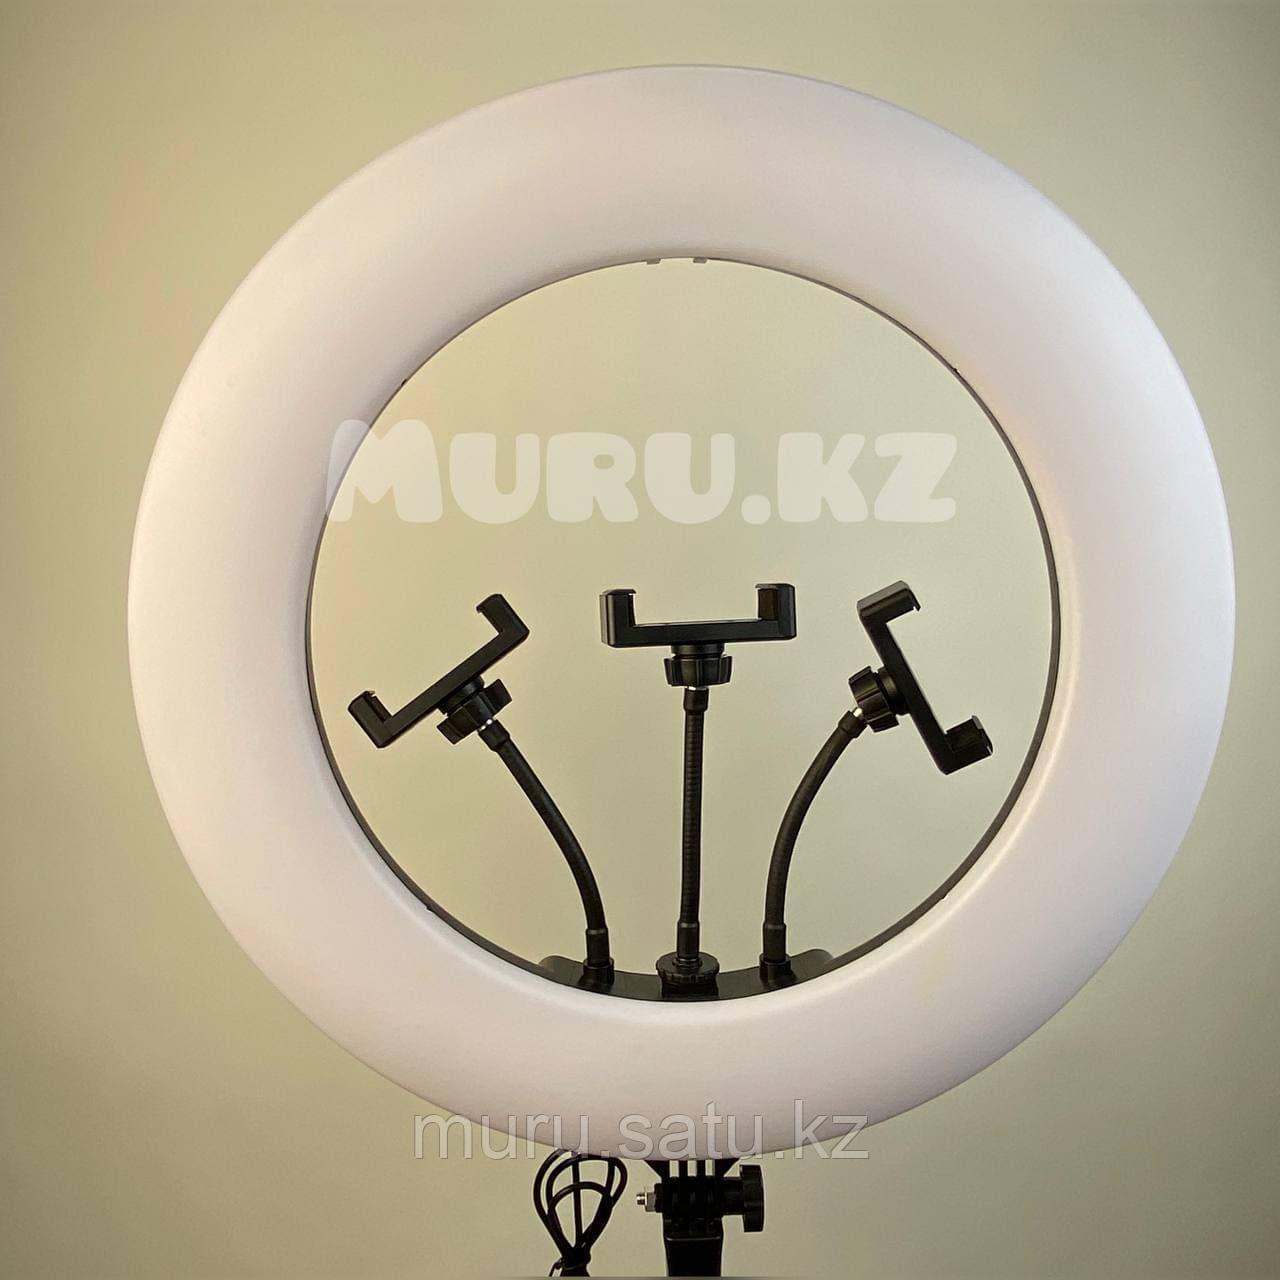 Кольцевая лампа 45 см со штативом 2м + микрофон подарок! - фото 5